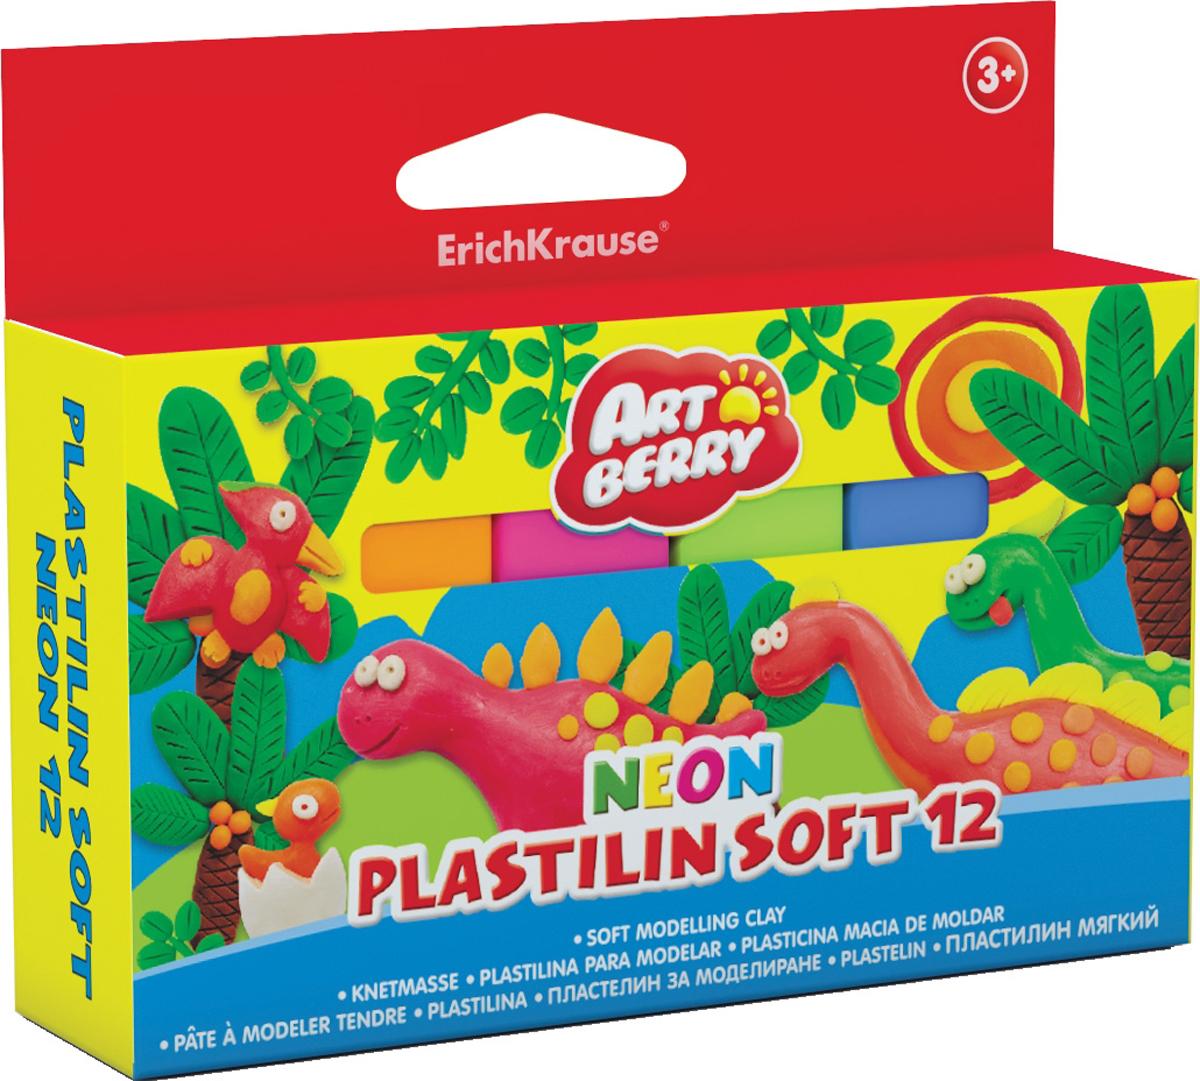 Erich Krause Пластилин мягкий Art Berry Neon 12 цветов 3898838988Пластилин ArtBerry с Алоэ Вера станет прекрасным подарком для вашего ребенка. Мягкий пластилин изготовлен полностью из экологический материалов. Алоэ Вера и вазелиновое масло, входящие в состав пластилина, обладают бактерицидными свойствами и увлажняющим эффектом. Мягкий пластилин легко разминается руками, поэтому им будет удобно изготавливать даже самые маленькие предметы. Не застывает на воздухе. Основу мягкого пластилина составляет кукурузный крахмал высокого качества, без содержания глютена. В упаковке 12 видов пластилина разных неоновых цветов, которые светятся под действием ультрафиолетовой лампы.